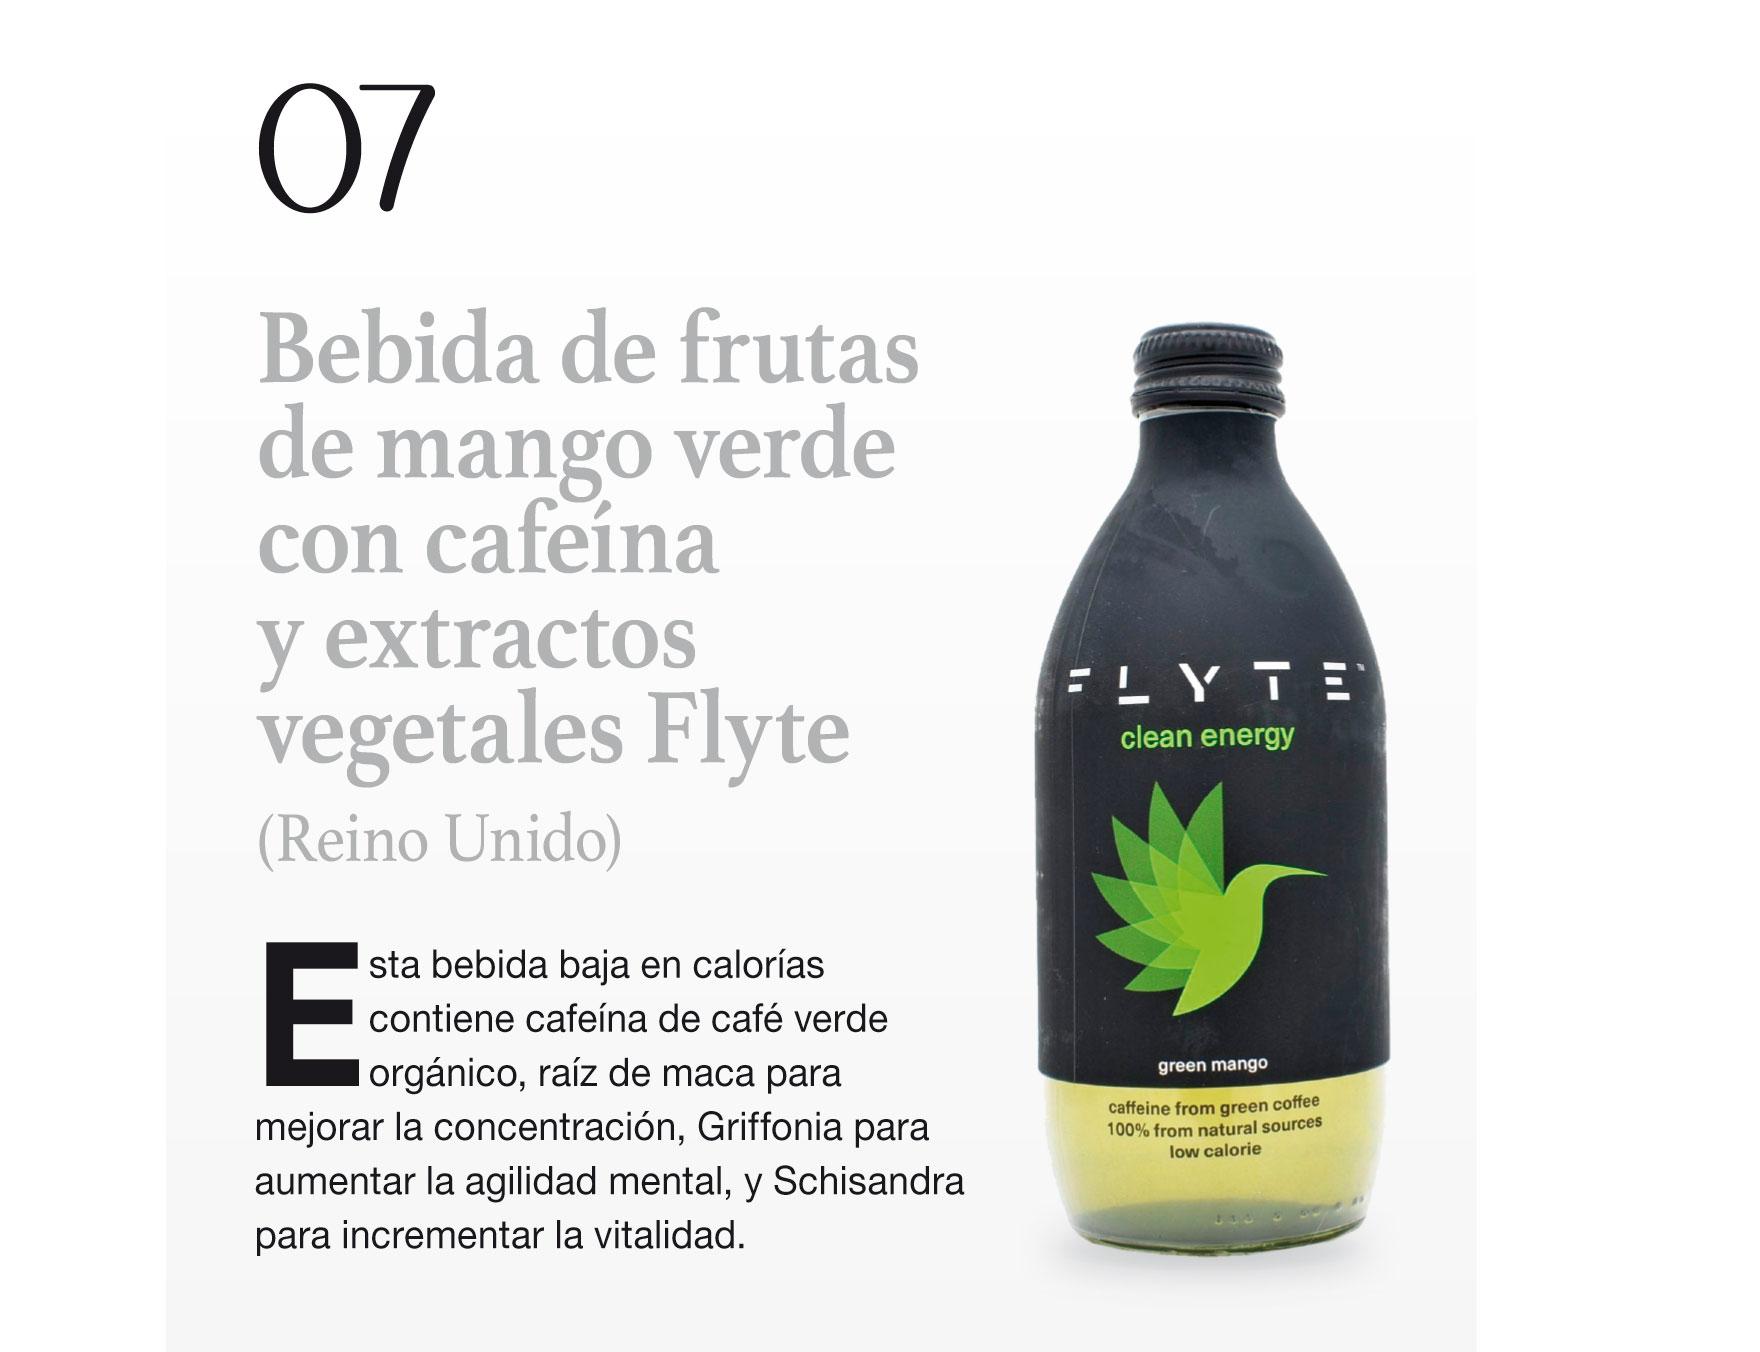 Bebida de frutas de mango verde con cafeína y extractos vegetales Flyte (Reino Unido)